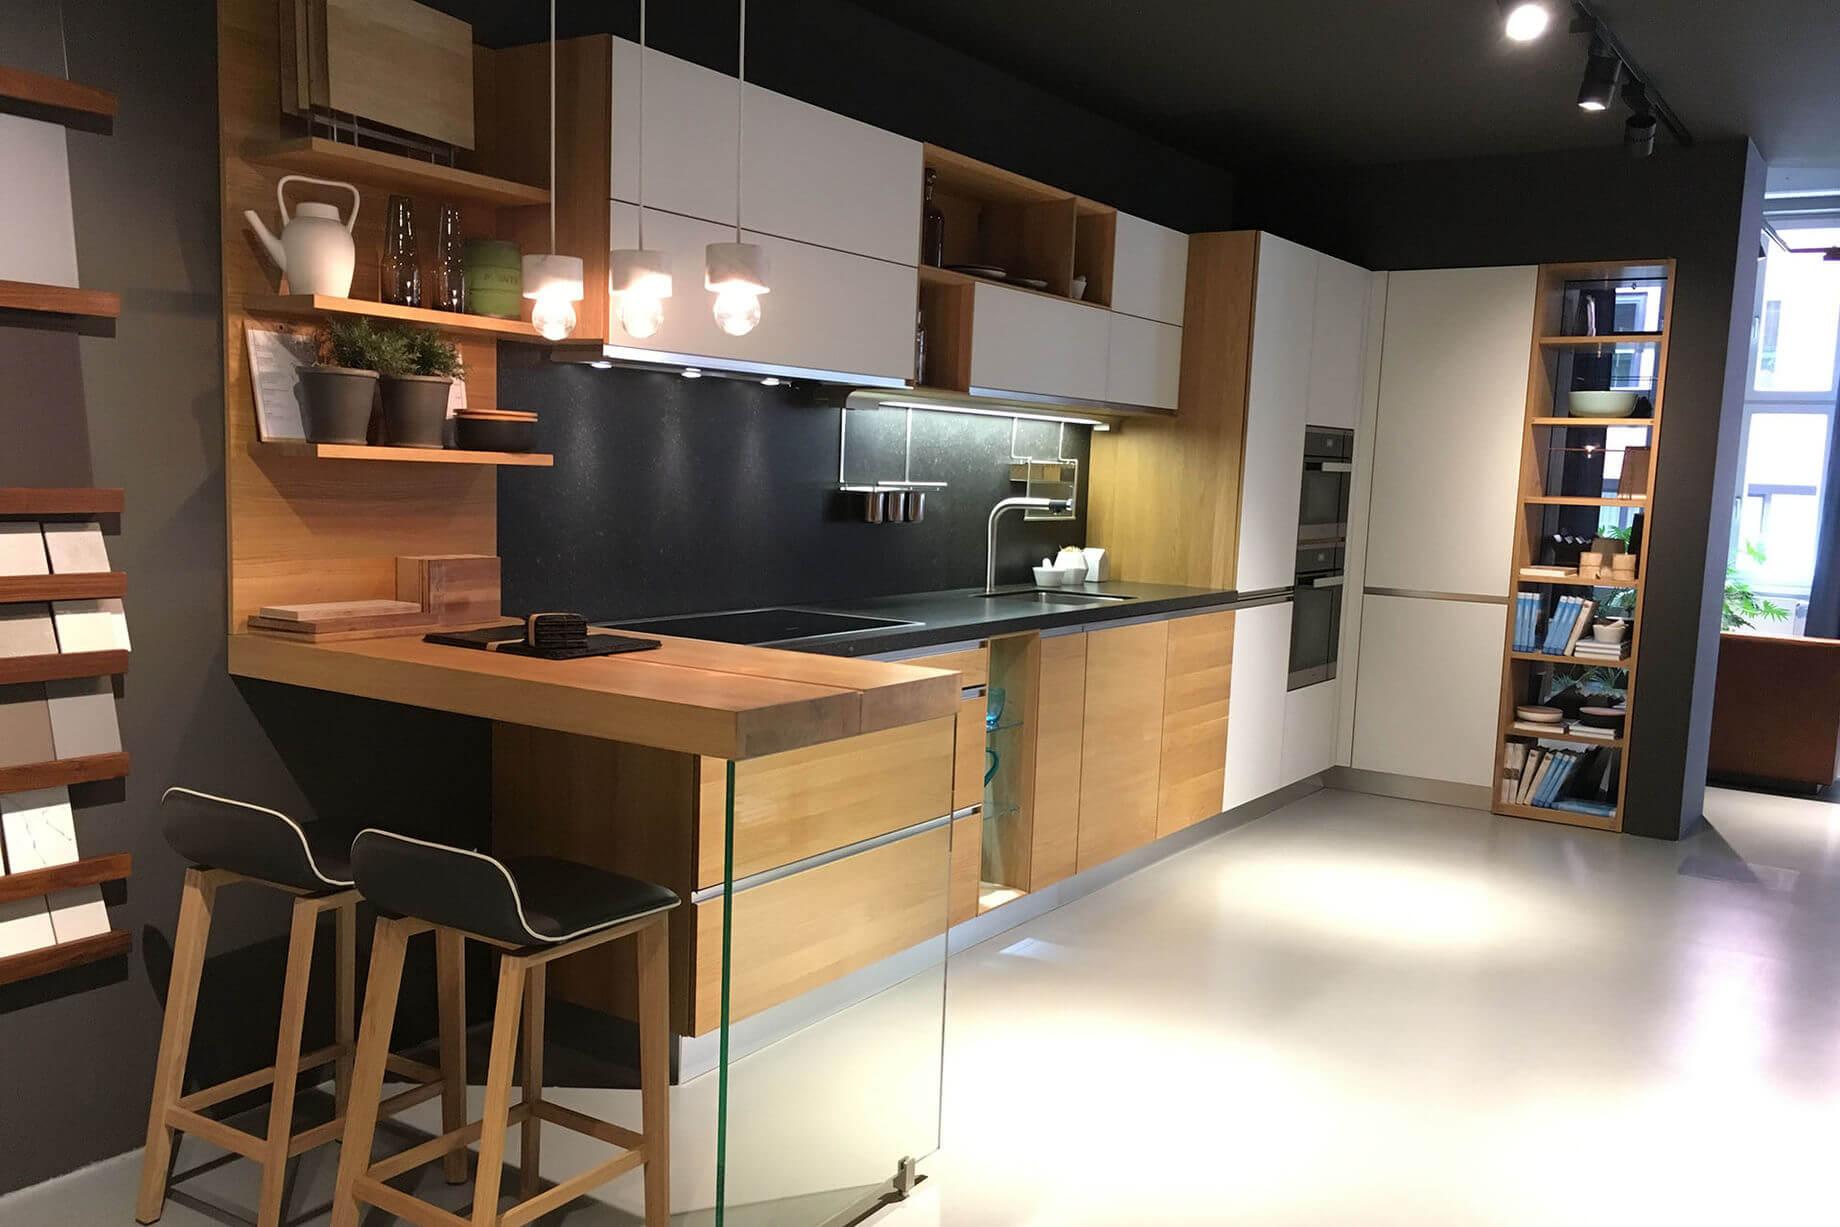 linee ausstellungsk che von team7 aus holzart eiche mit miele ger ten komplettausstattung im. Black Bedroom Furniture Sets. Home Design Ideas